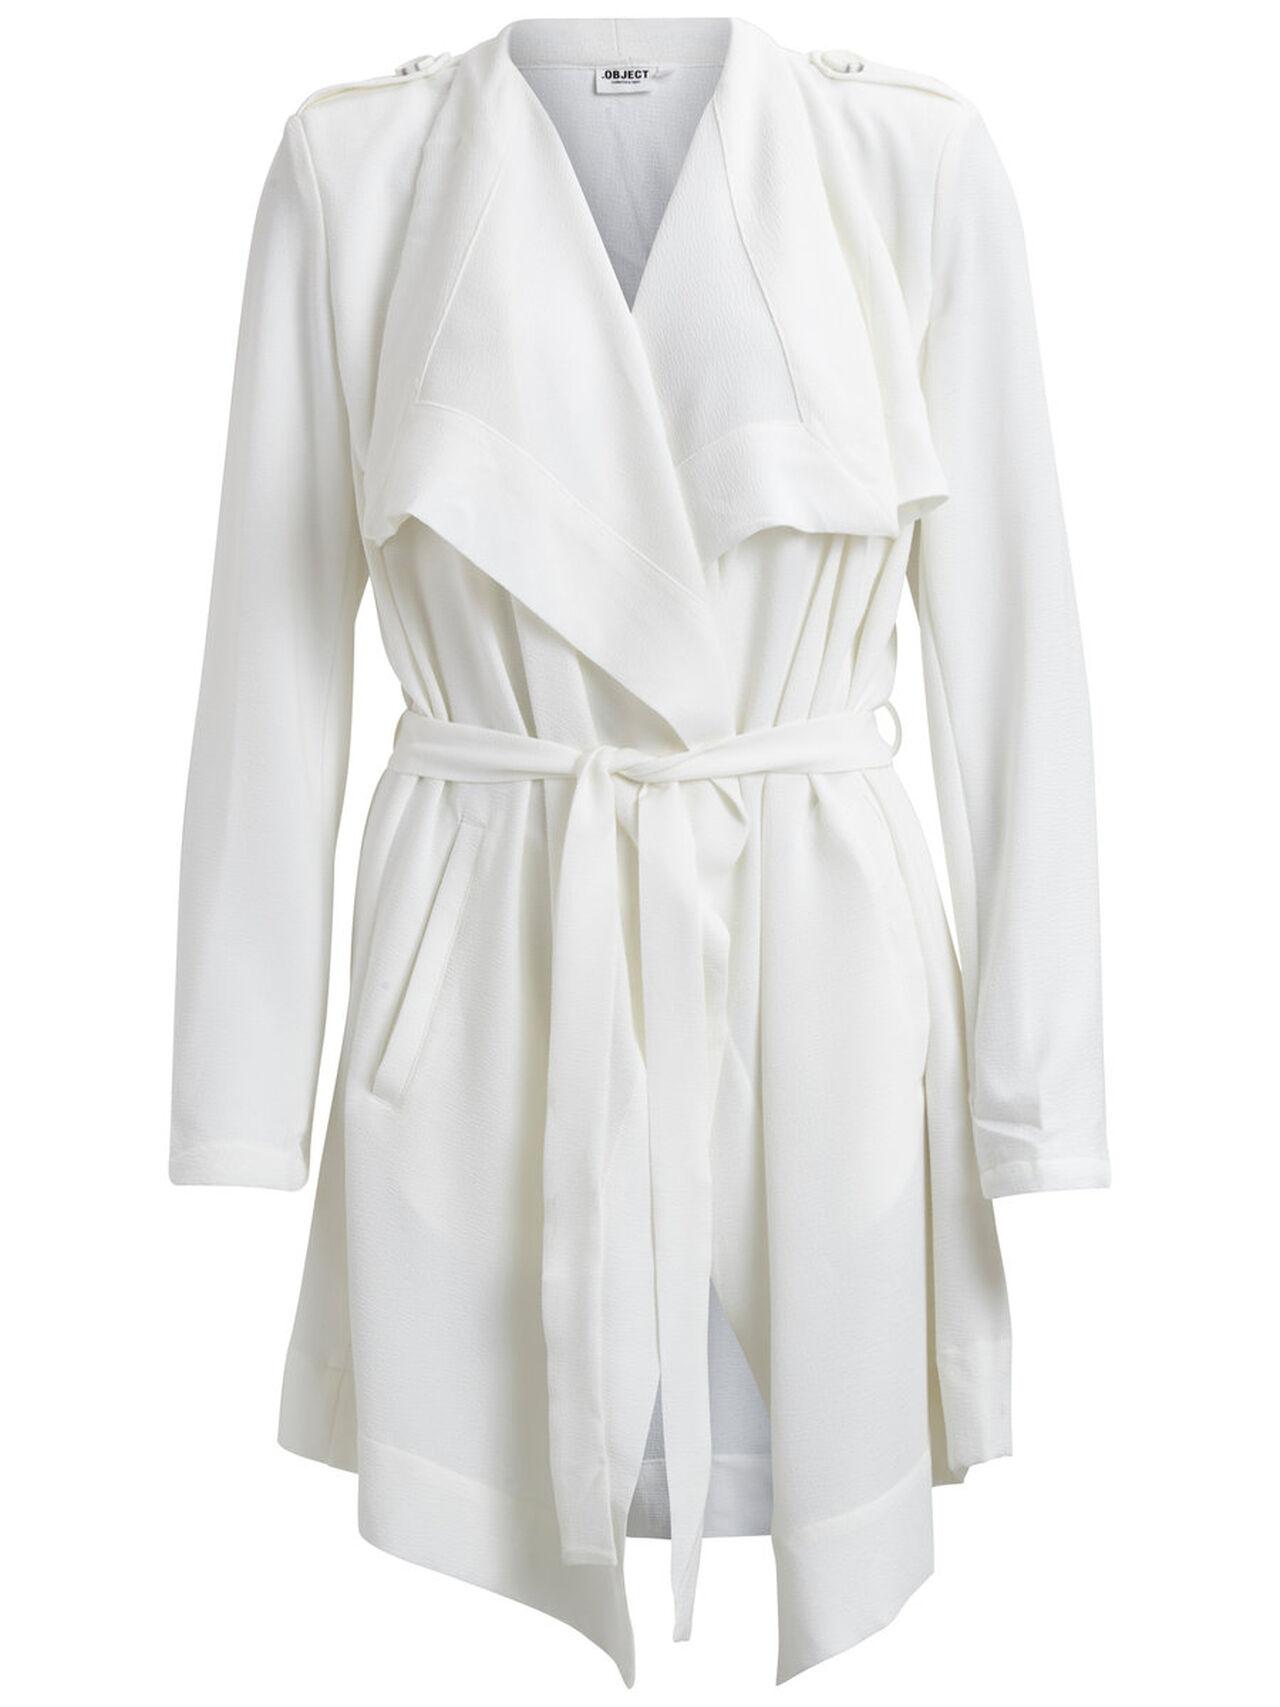 Object Dámský jarní kabát bílý *Velikosti textil: S